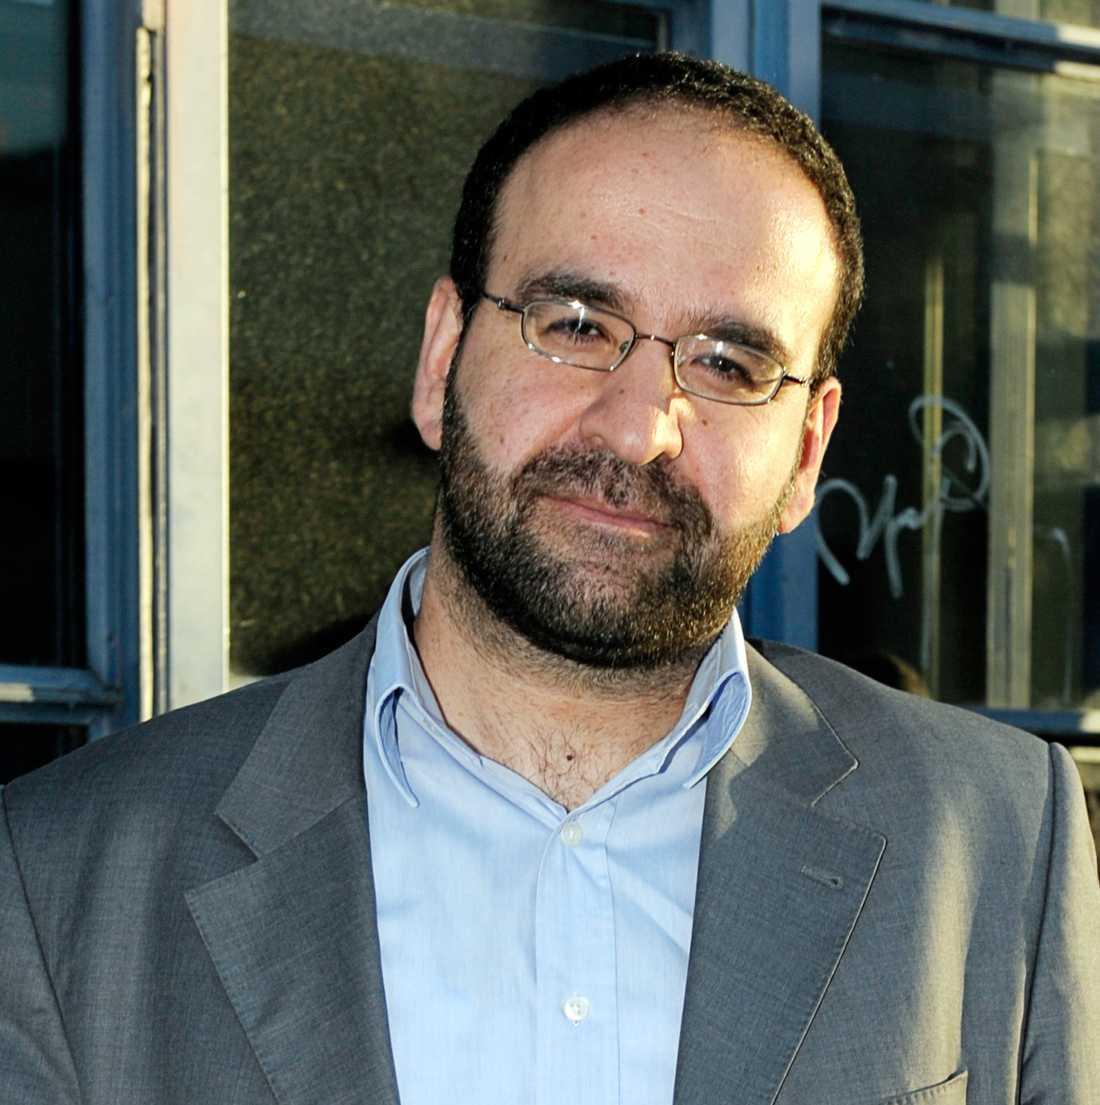 Bostads- och stadsutvecklingsminister Mehmet Kaplan (MP), 43